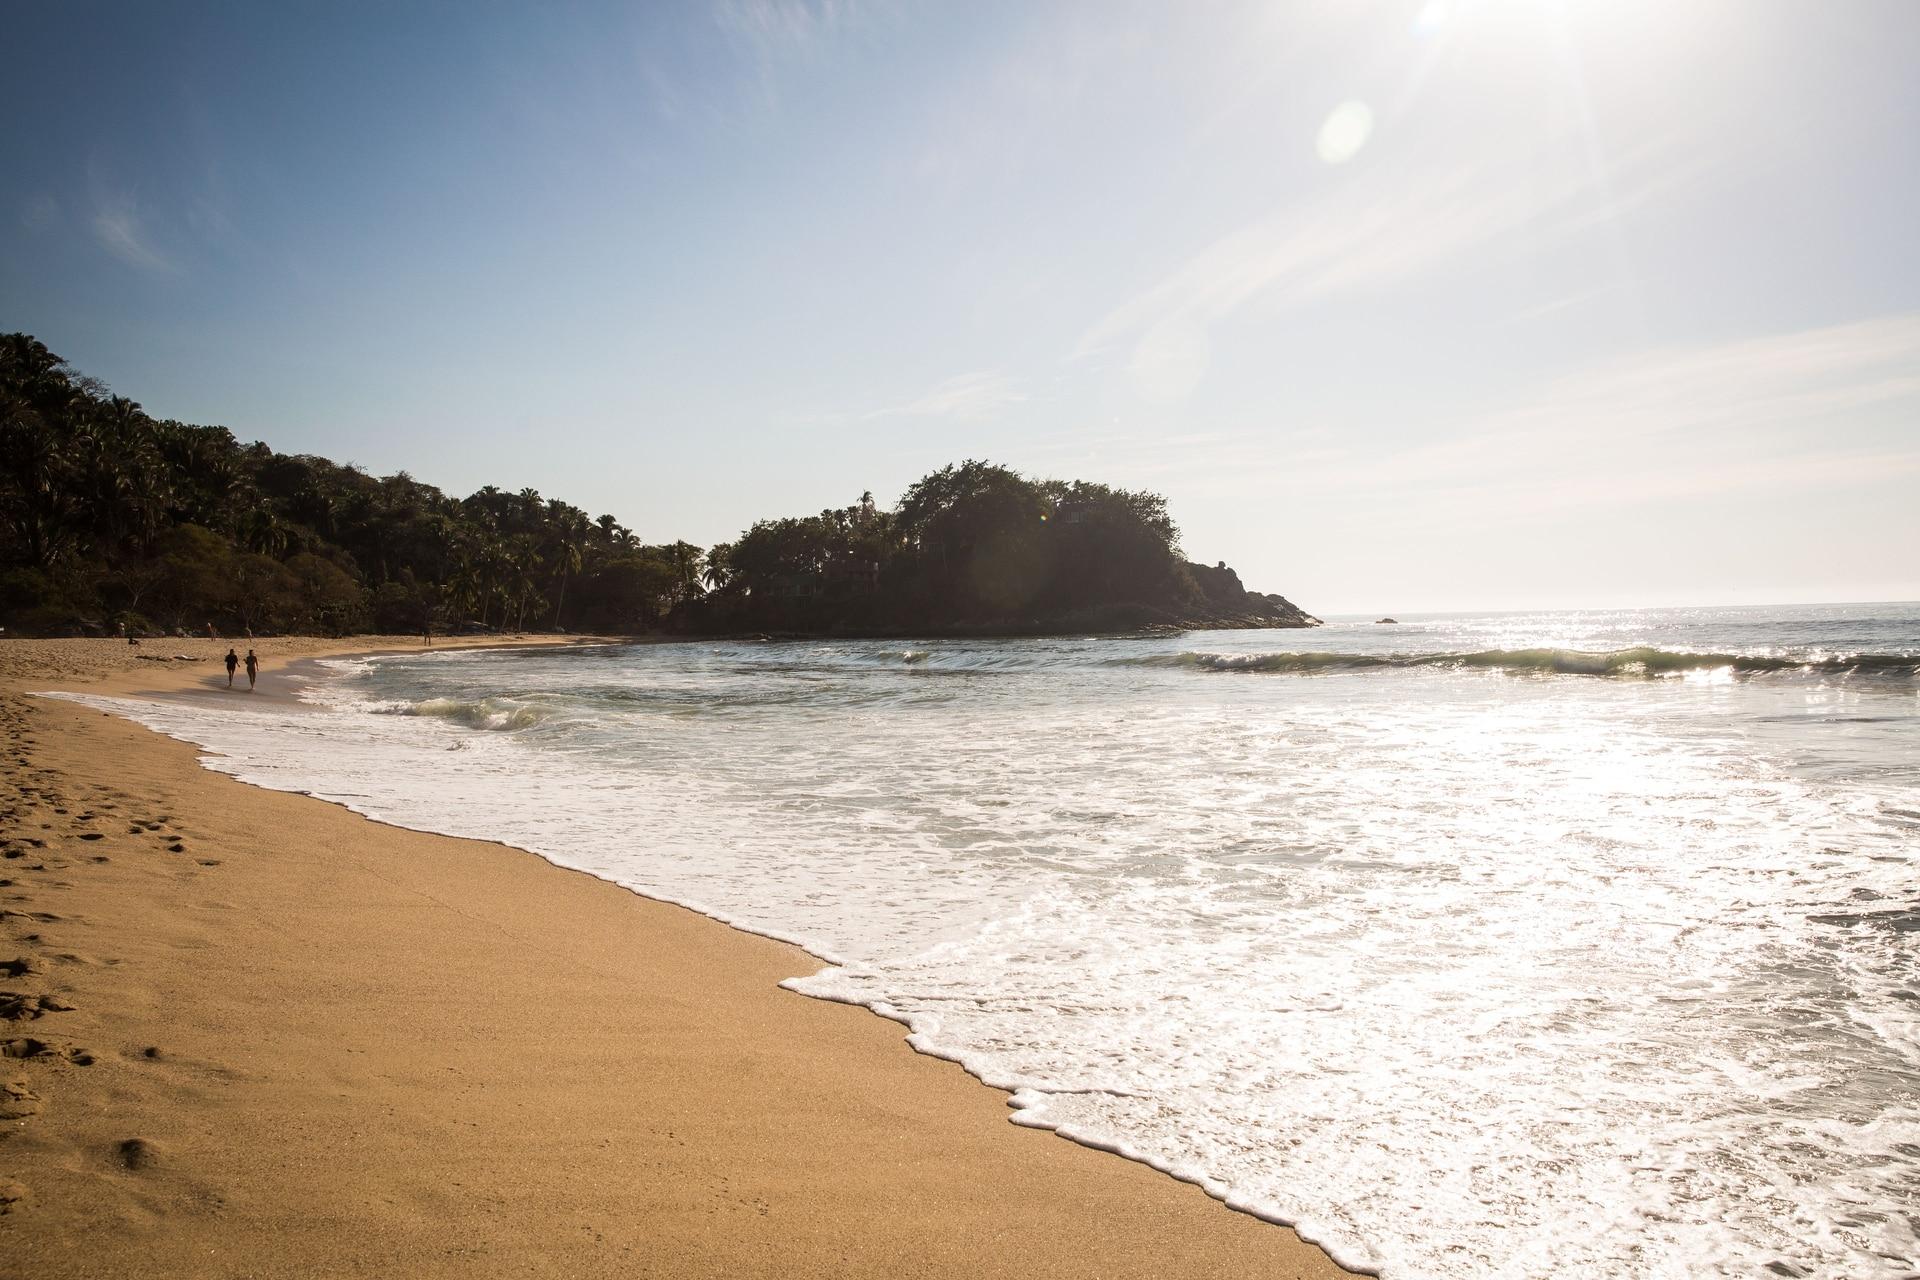 La tranquila playa de San Pancho o San Francisco, uno de los pueblos de pescadores reorientado al turismo.